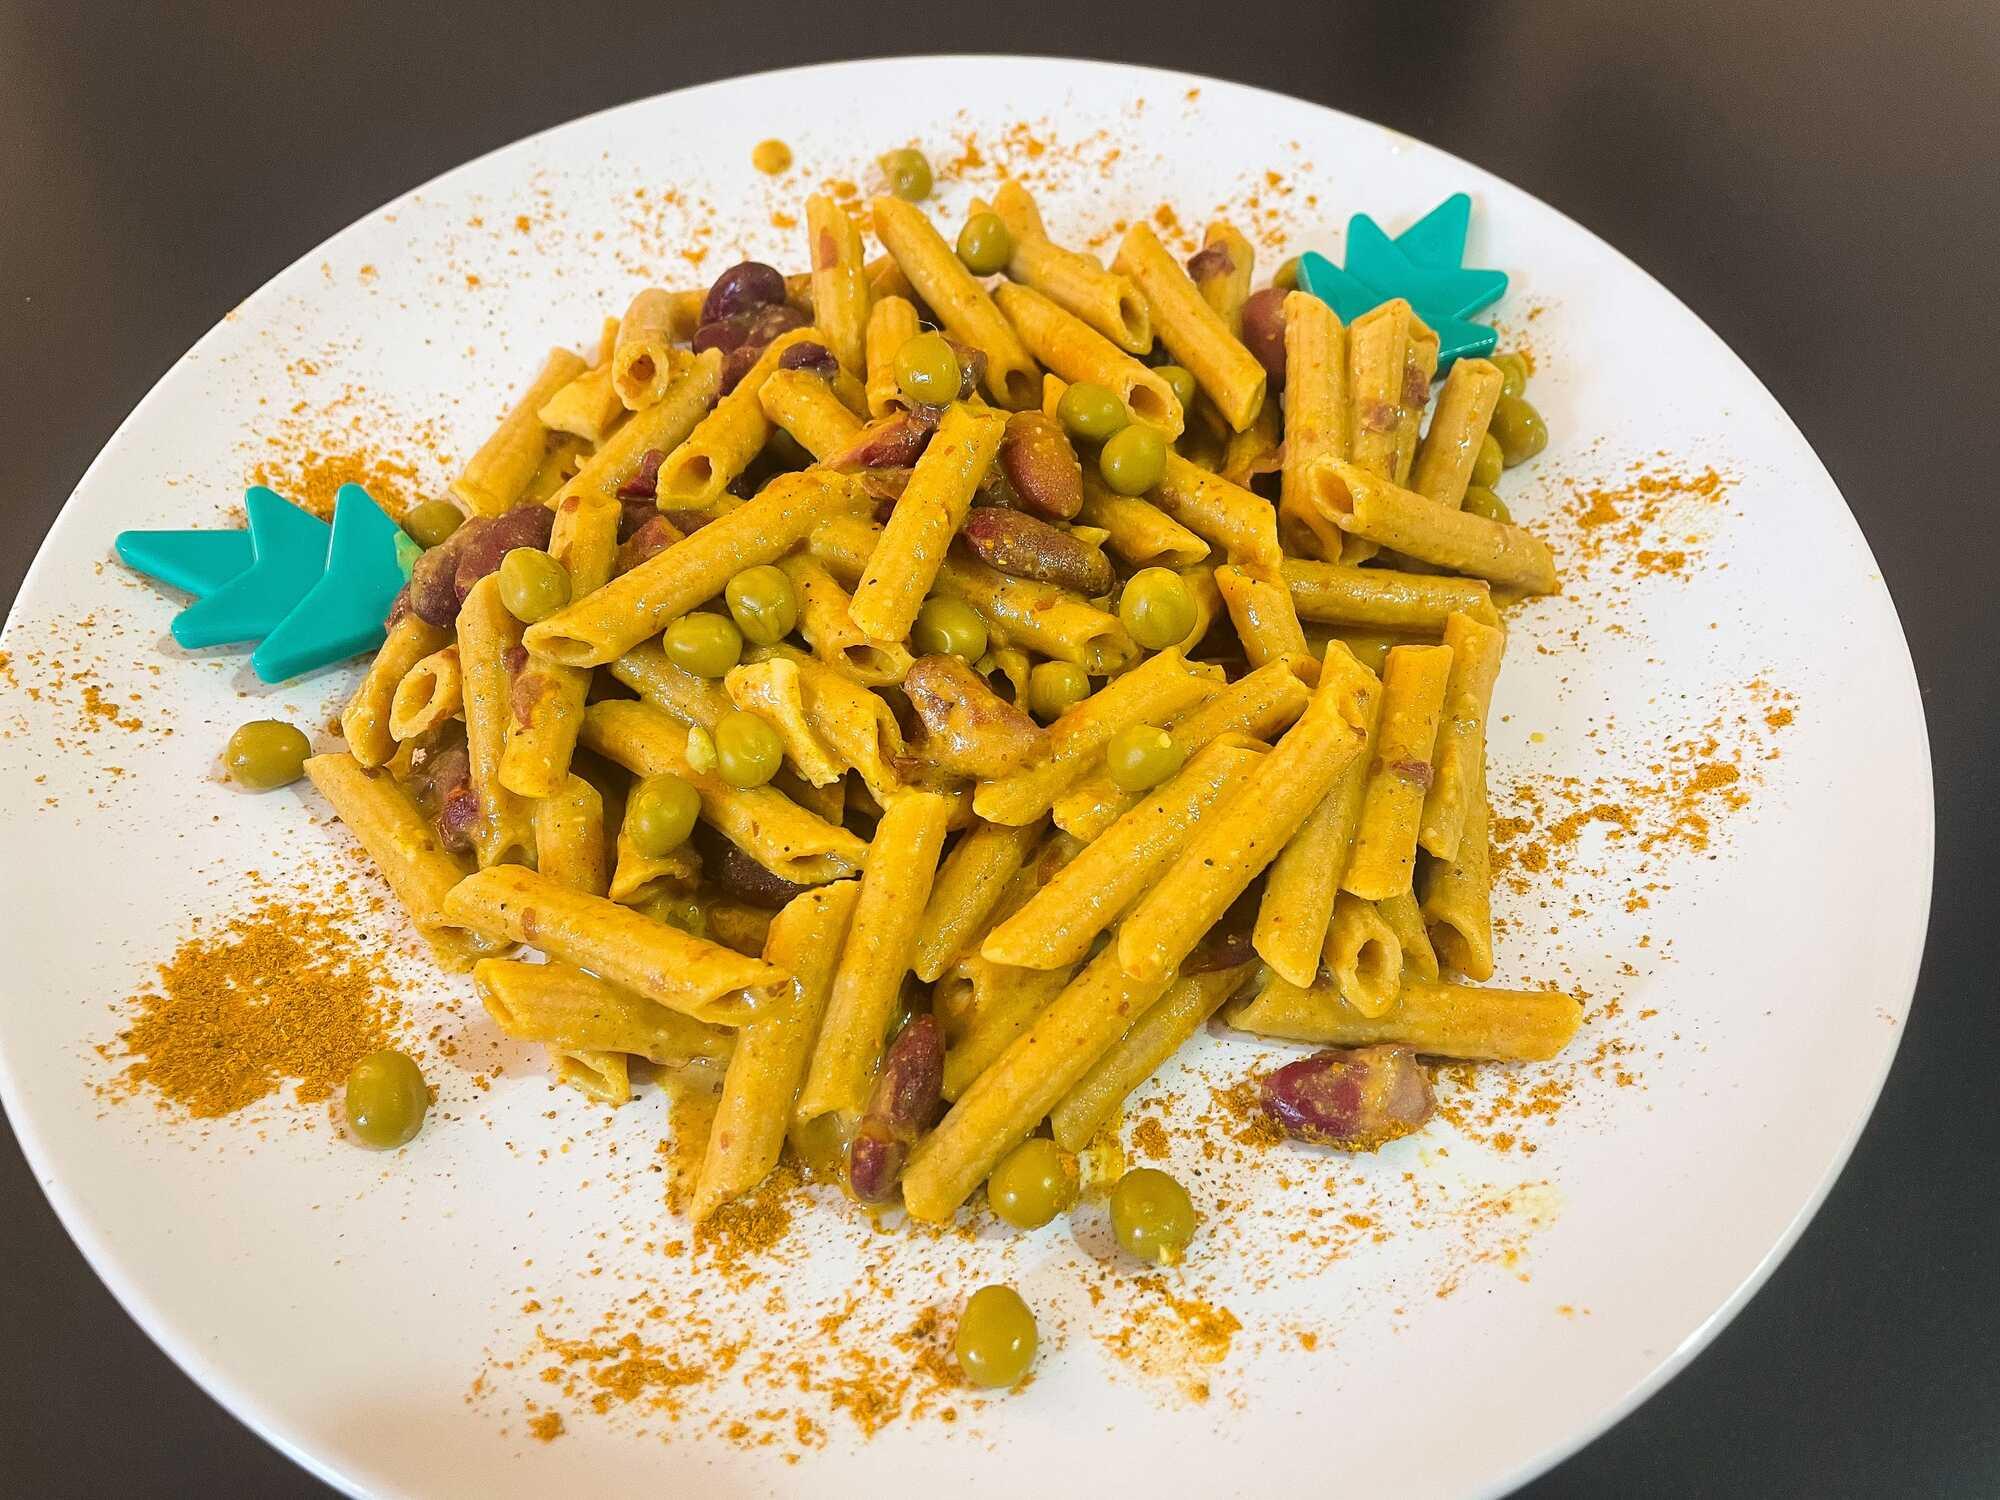 Le curry a teinté les pâtes crémeuses, elles recouvrent le poulet et le reste des ingrédients.